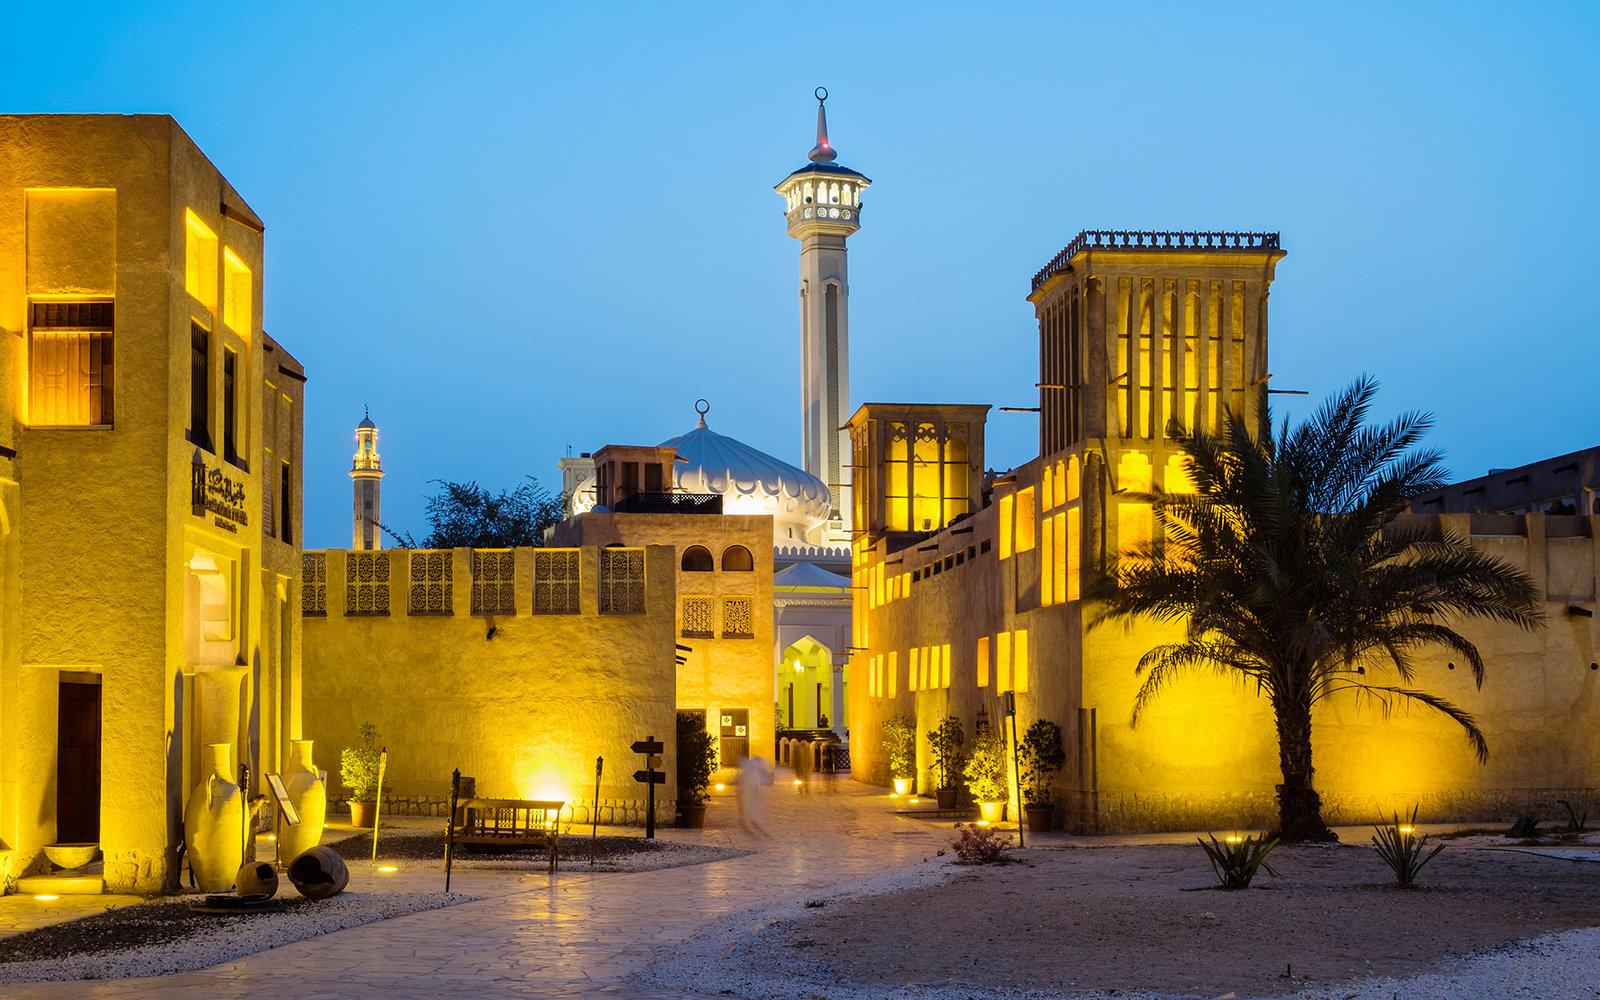 dubai Dubai: Design meets History bastakiya dubai du1215